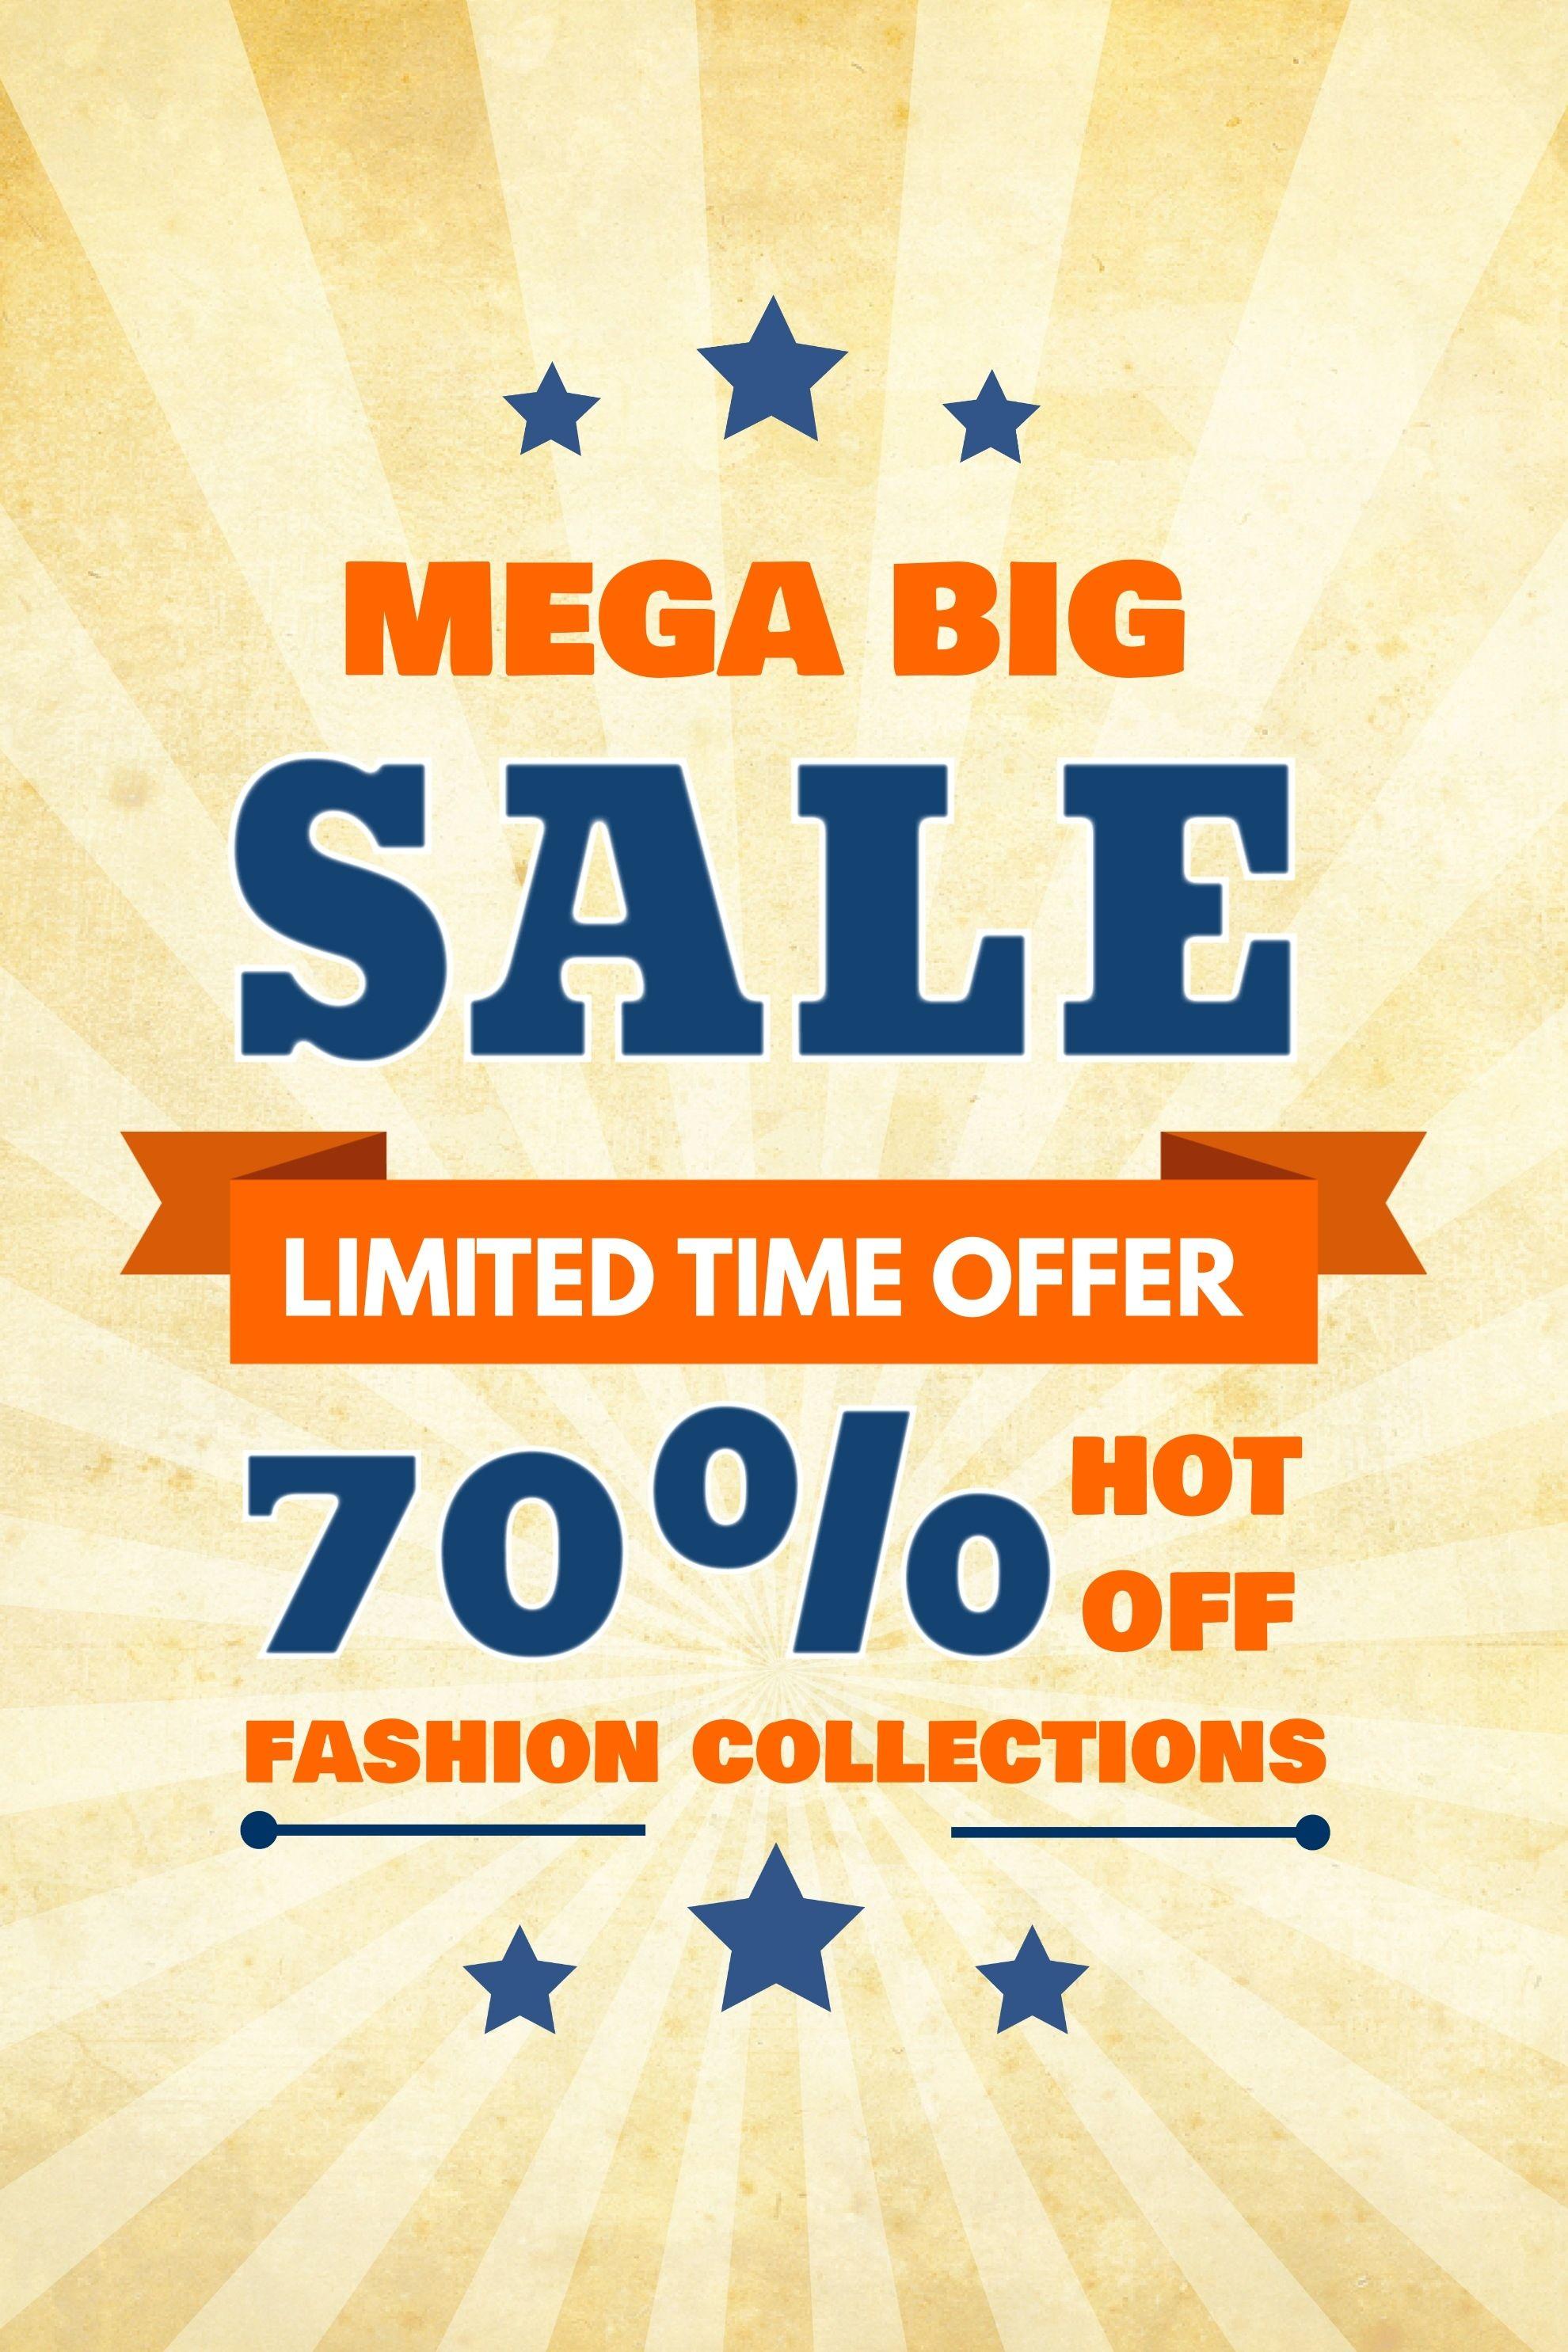 Mega Big Sale Poster Flyer Social Media Graphic Design Template